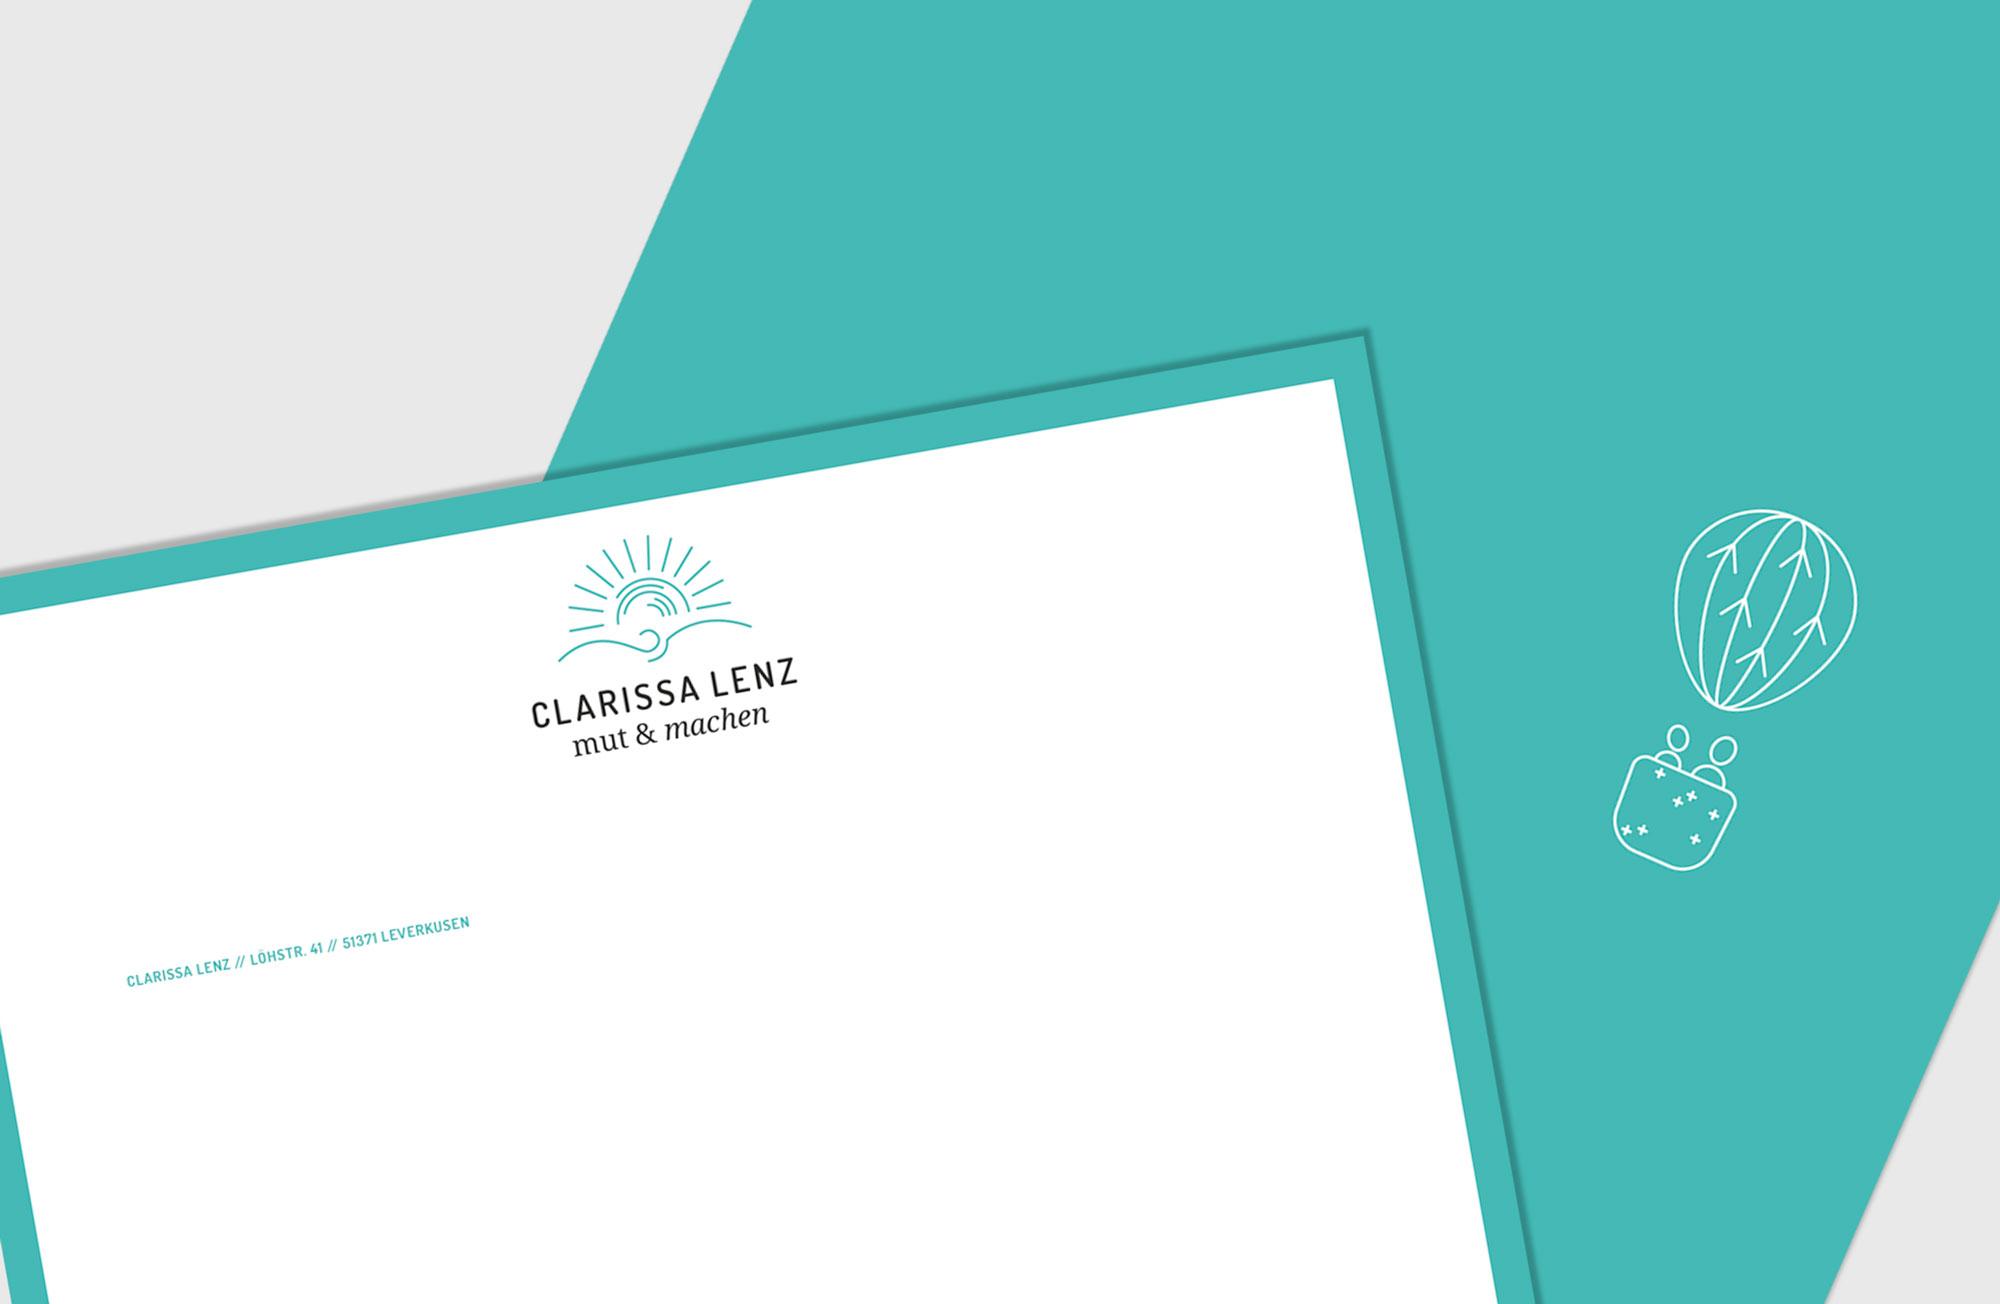 clarissa-lenz-logo